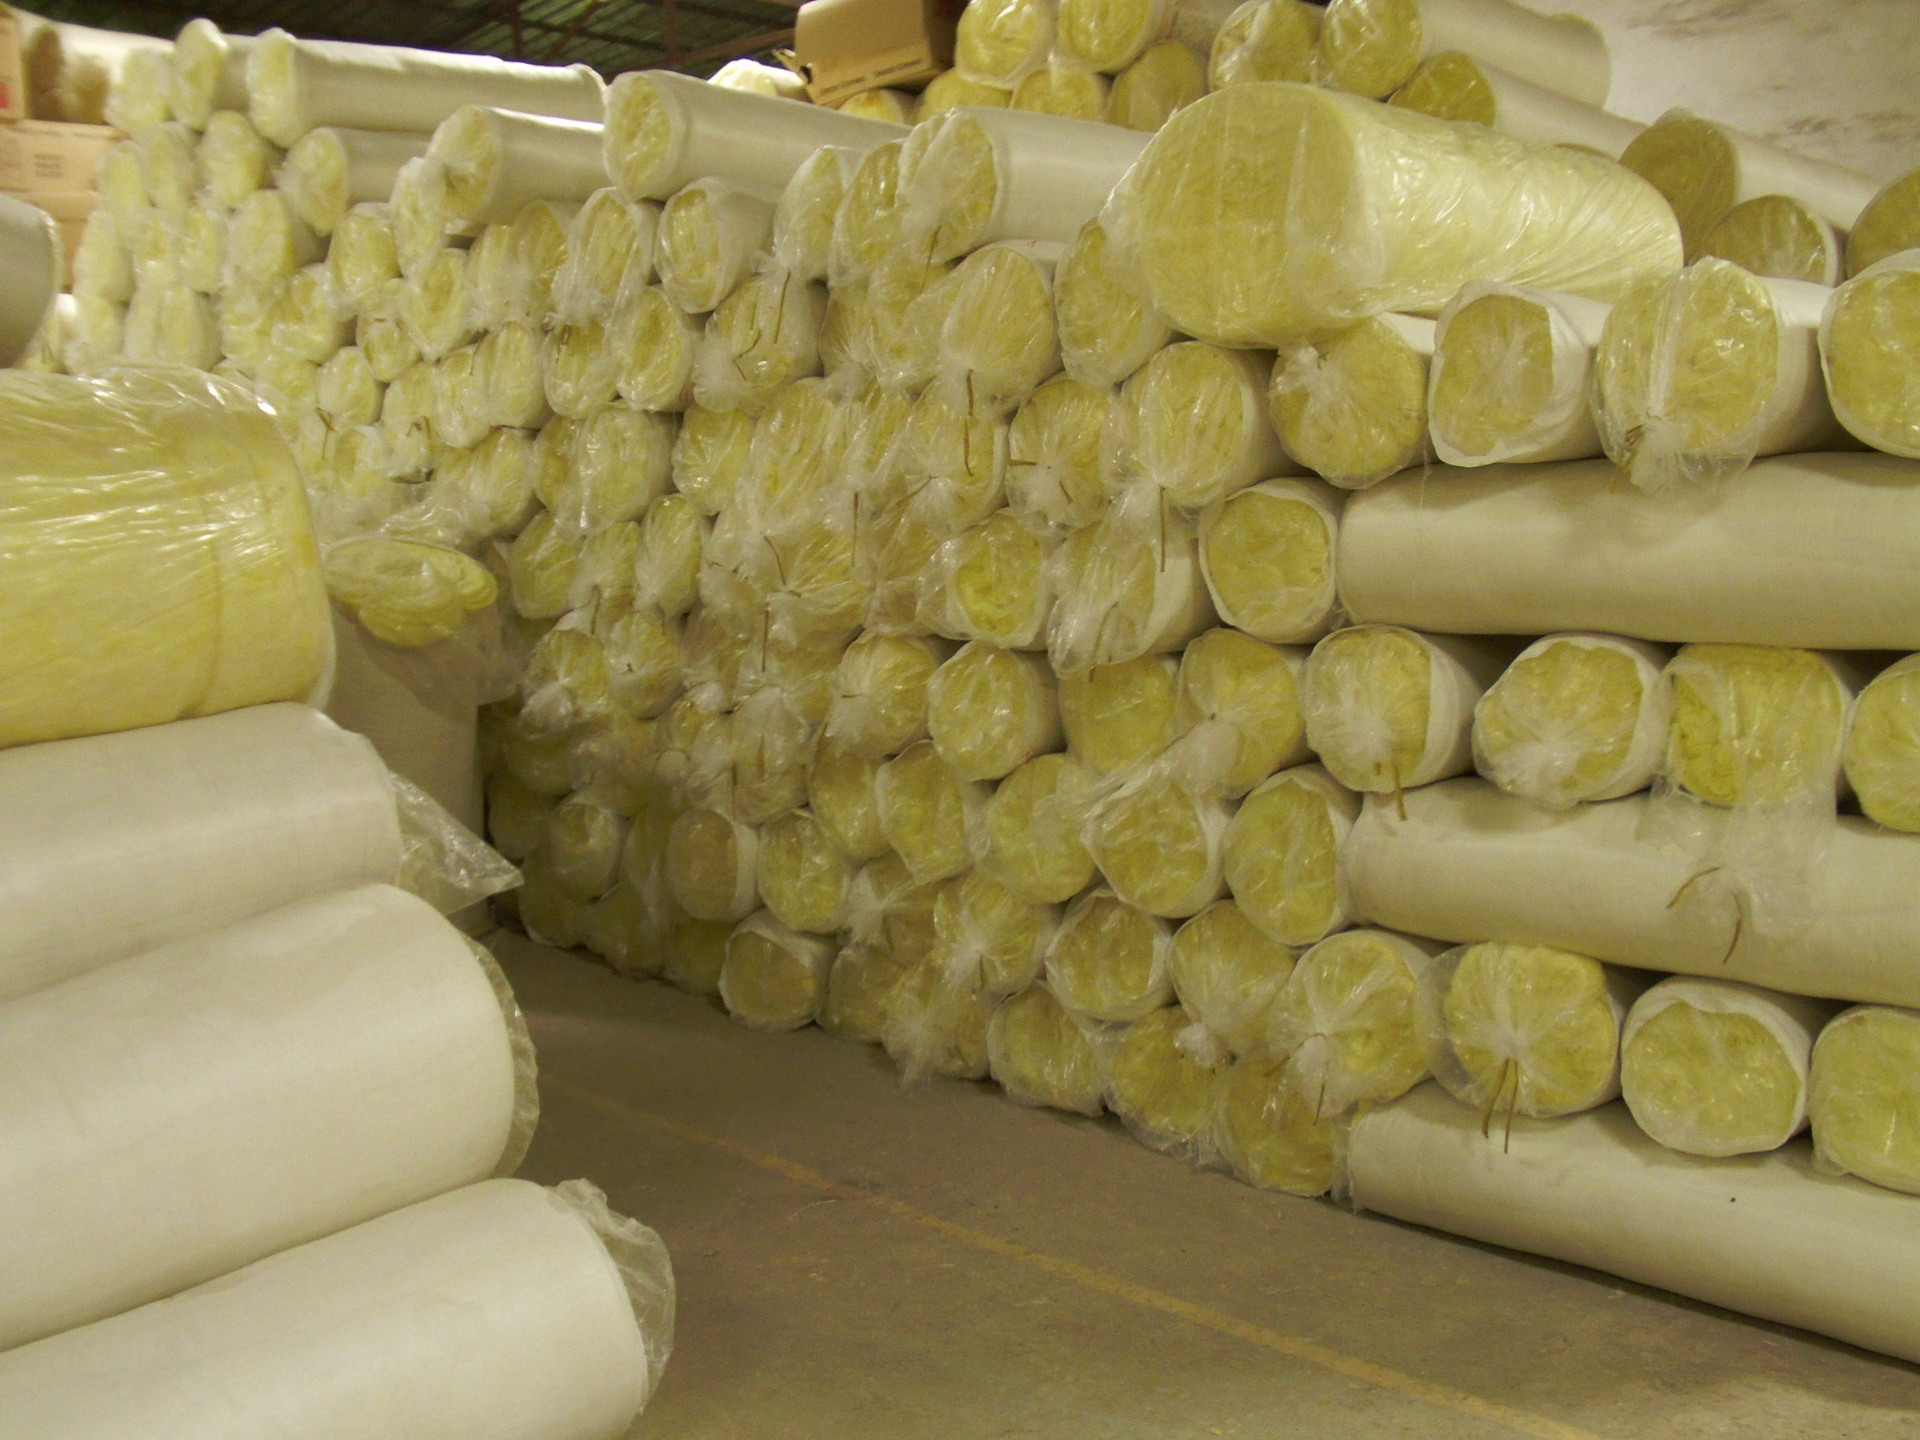 Nguyên liệu sản xuất điện tử Thảm len  thủy tinh cách nhiệt